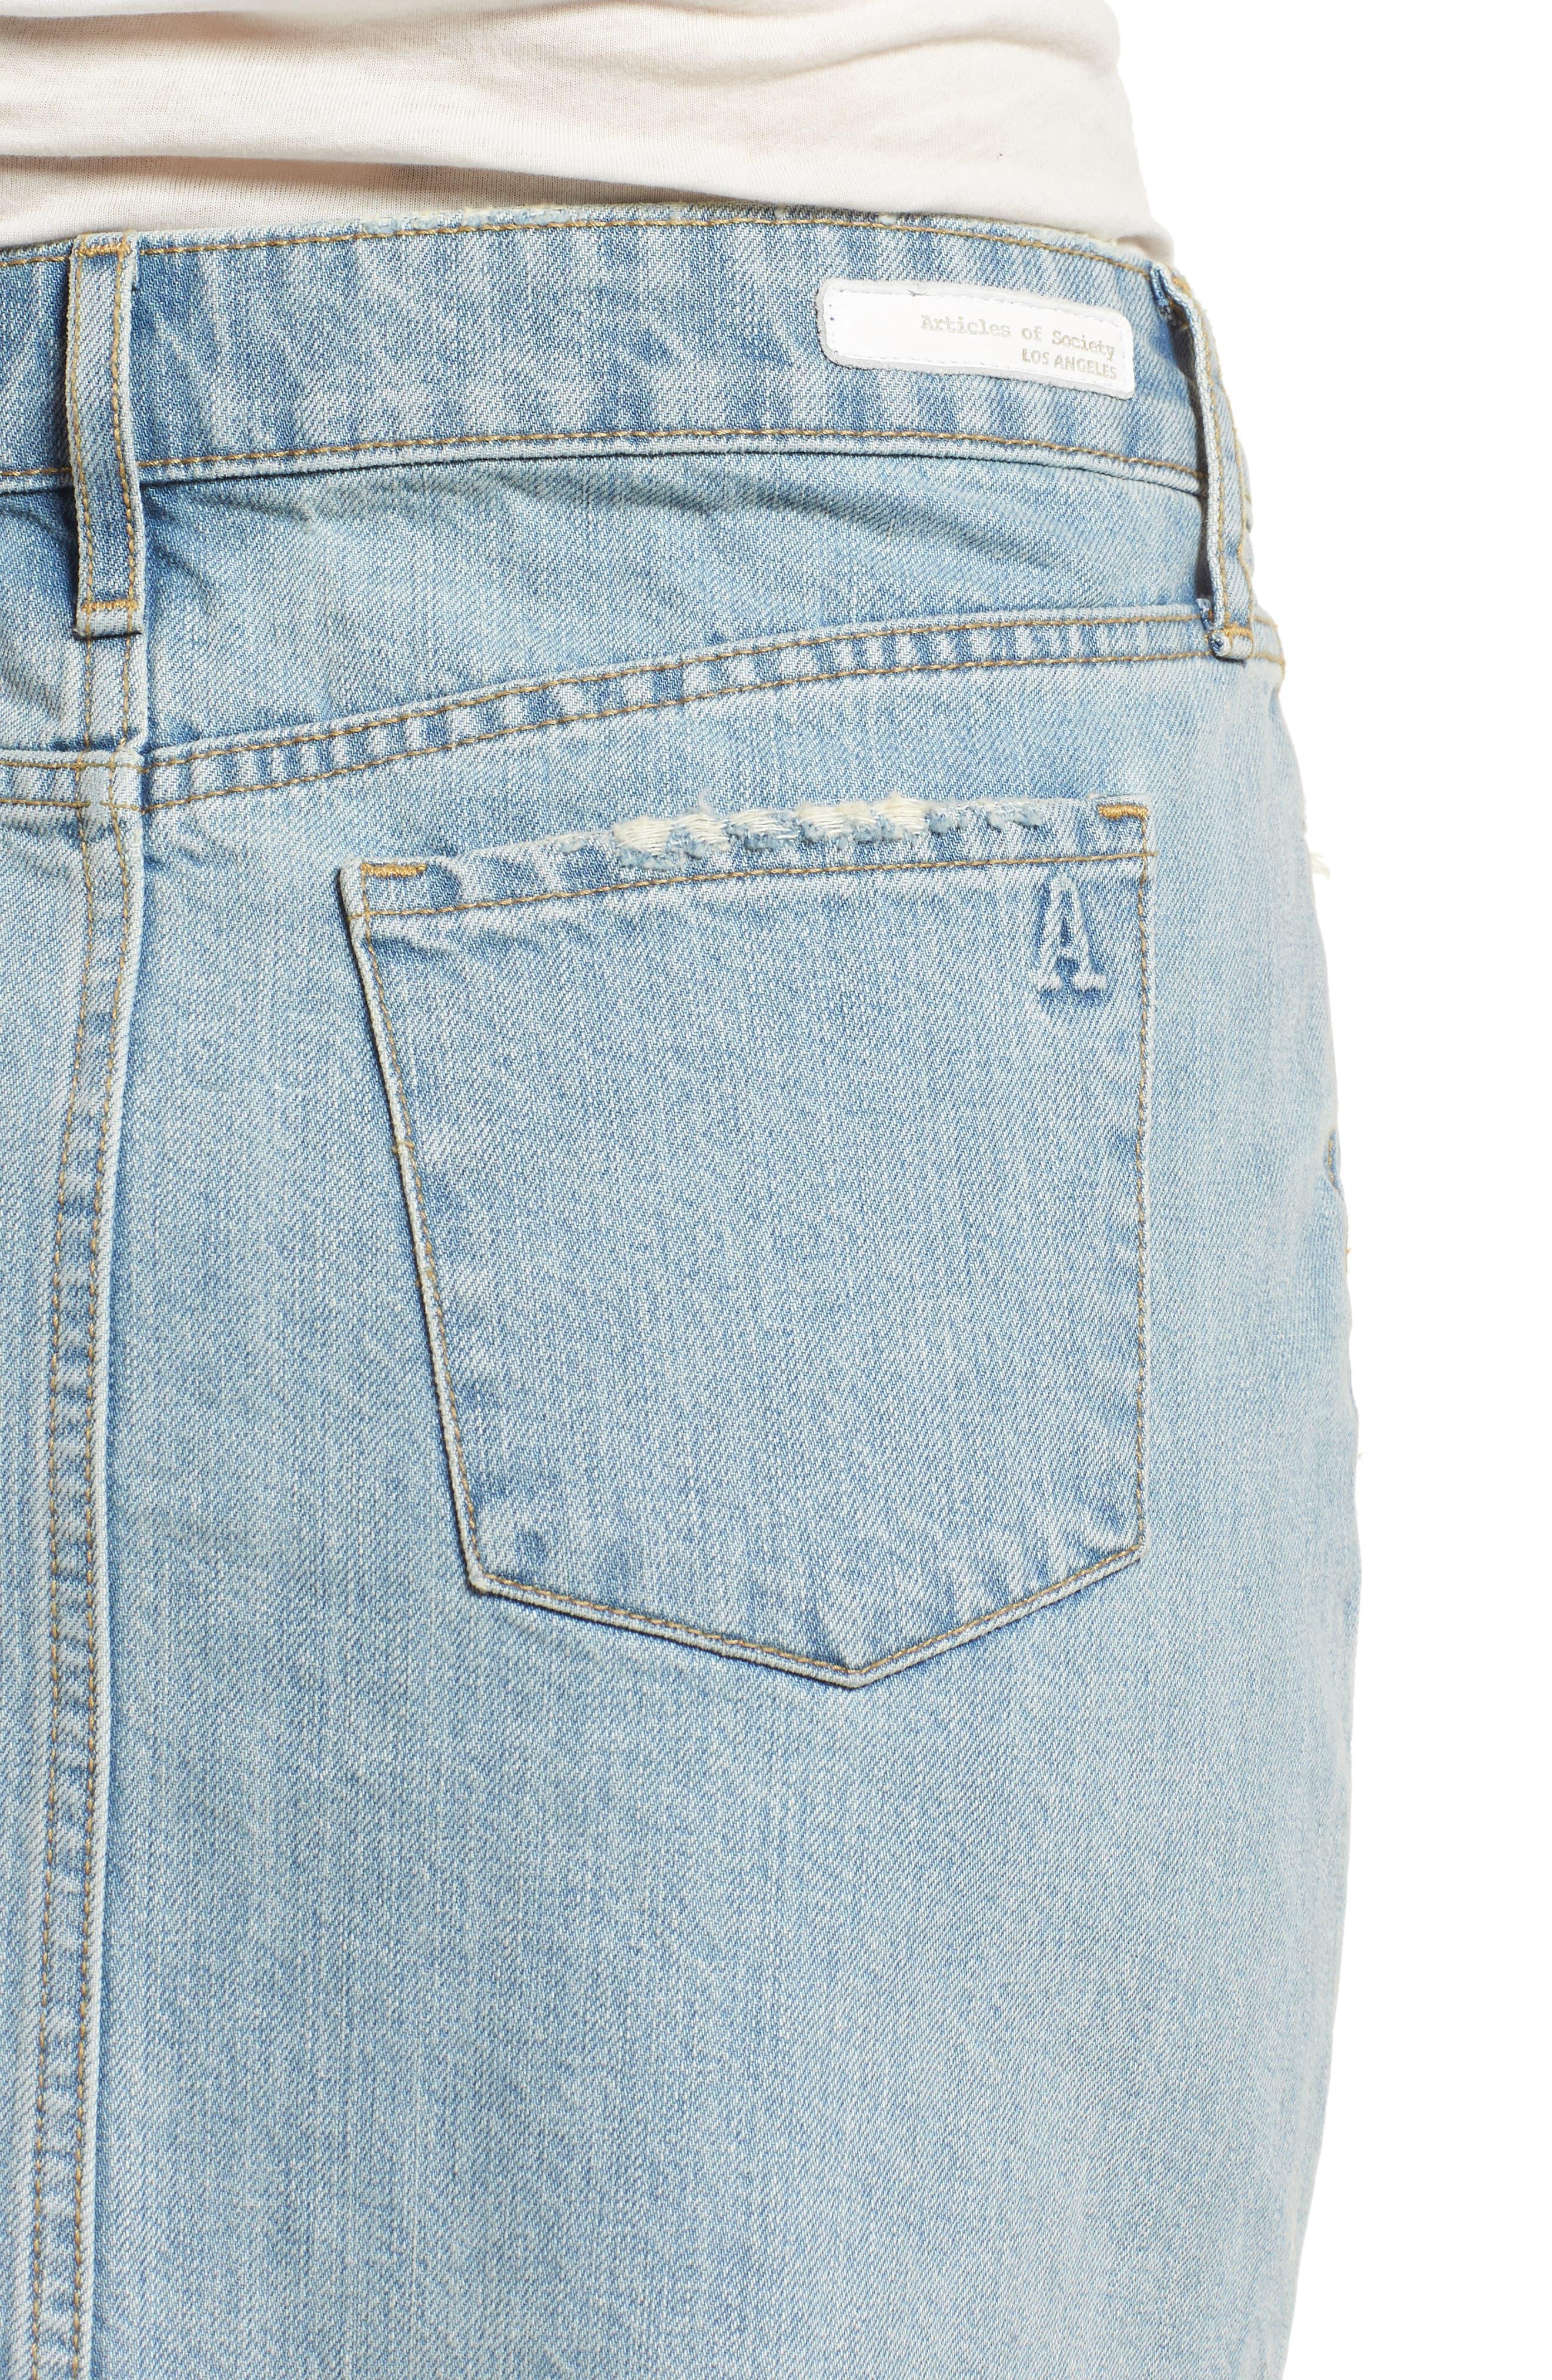 Stacy Release Hem Denim Skirt,                             Alternate thumbnail 4, color,